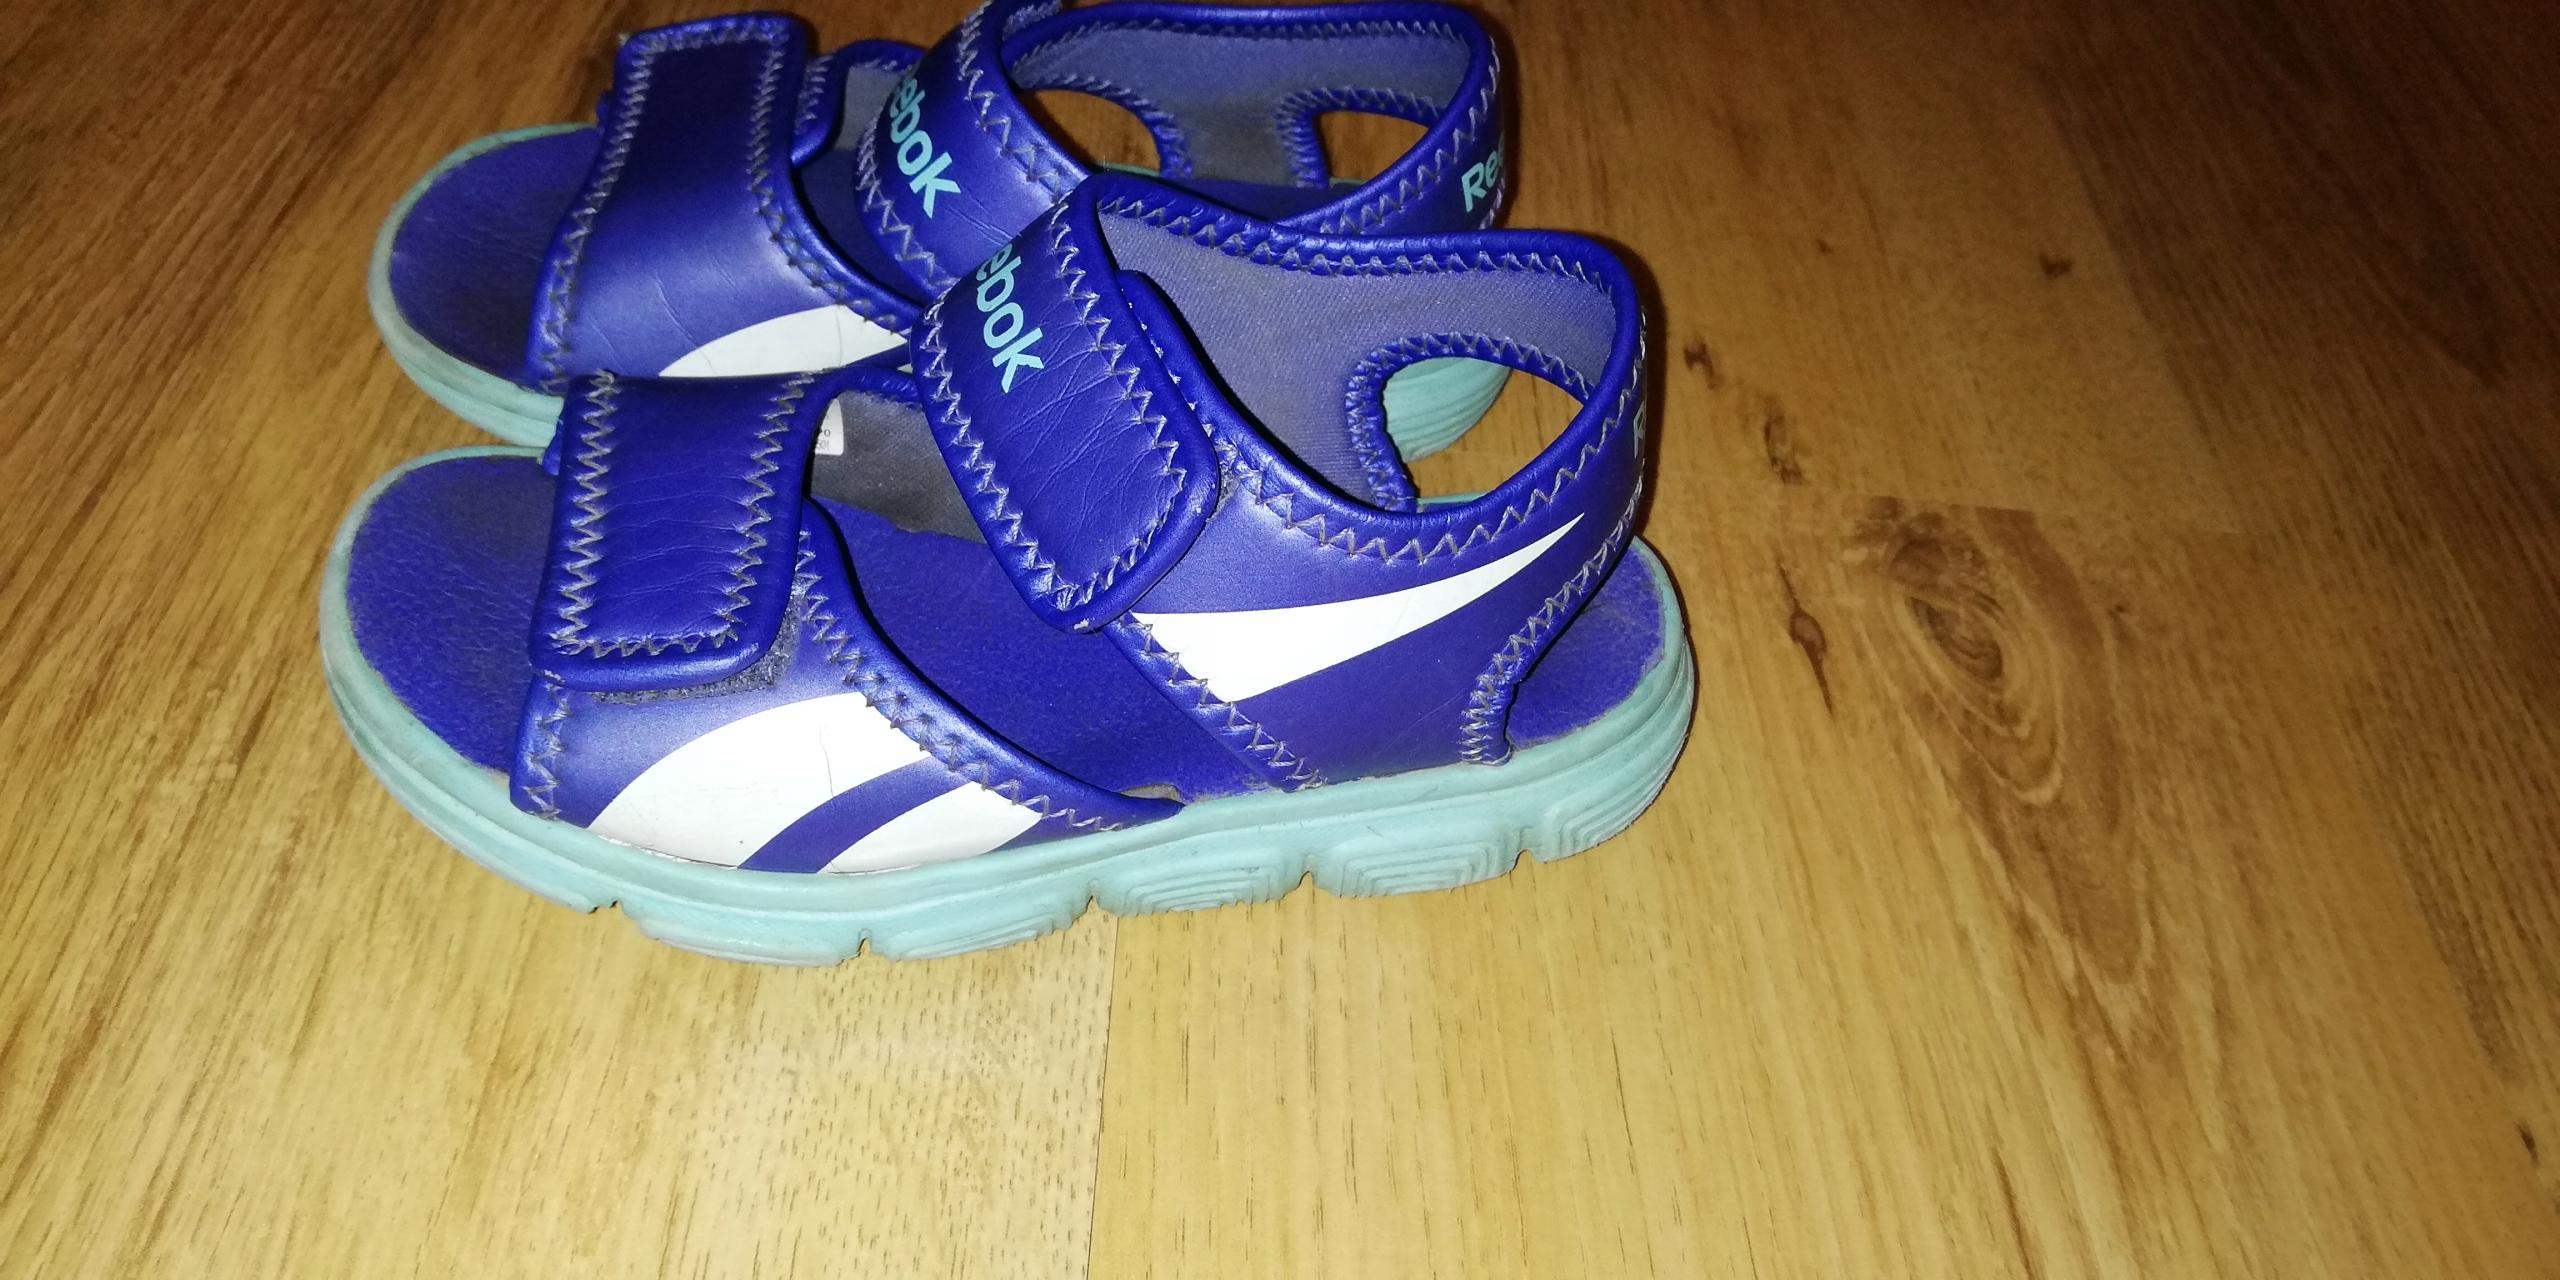 Sandałki dla dziewczynki Reebok r. 26,5